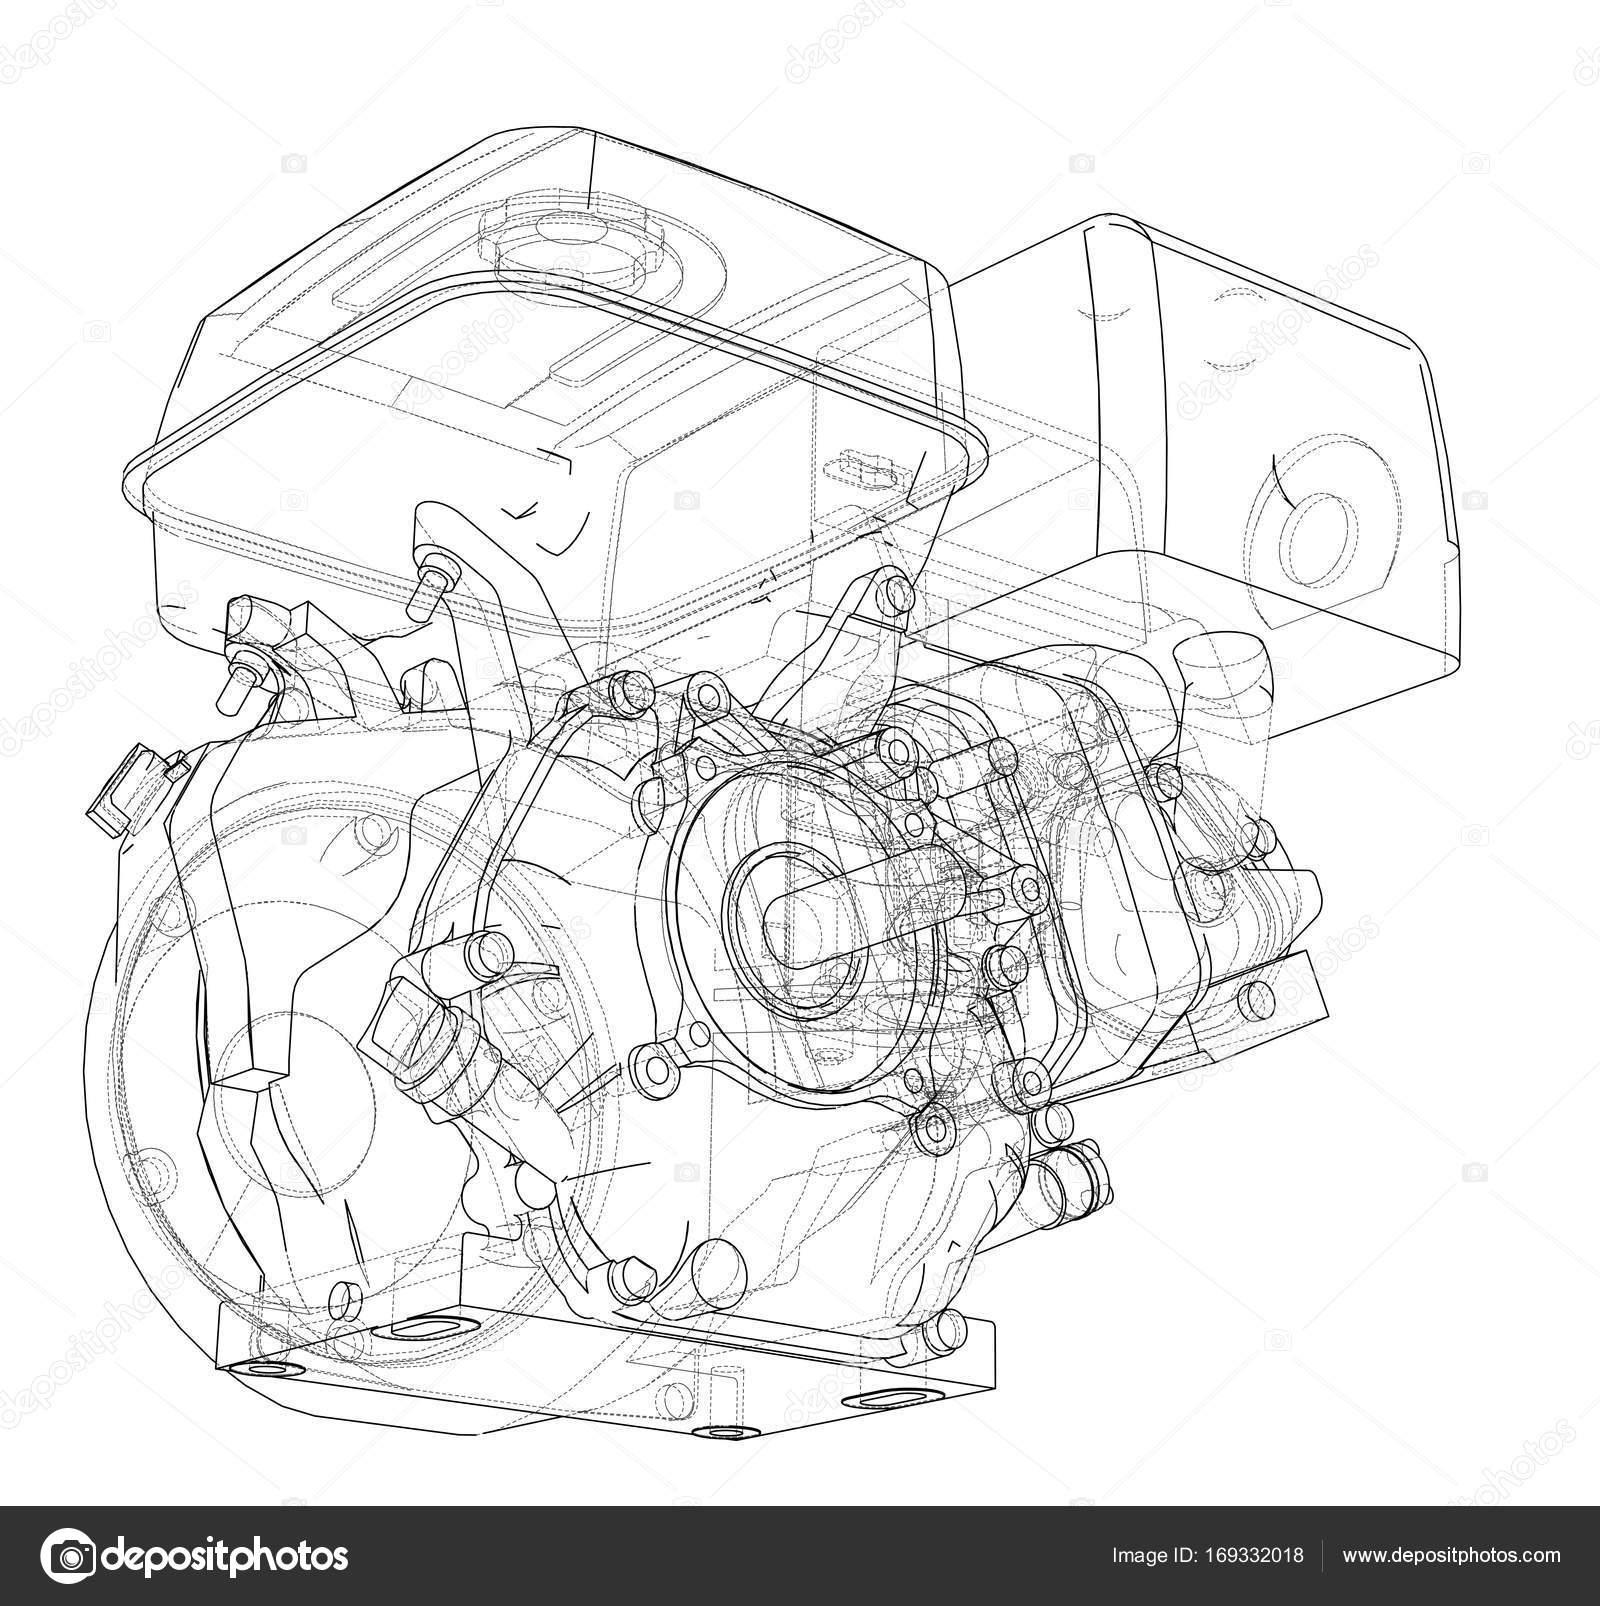 Motor-Skizze. Vektor — Stockvektor © cherezoff #169332018